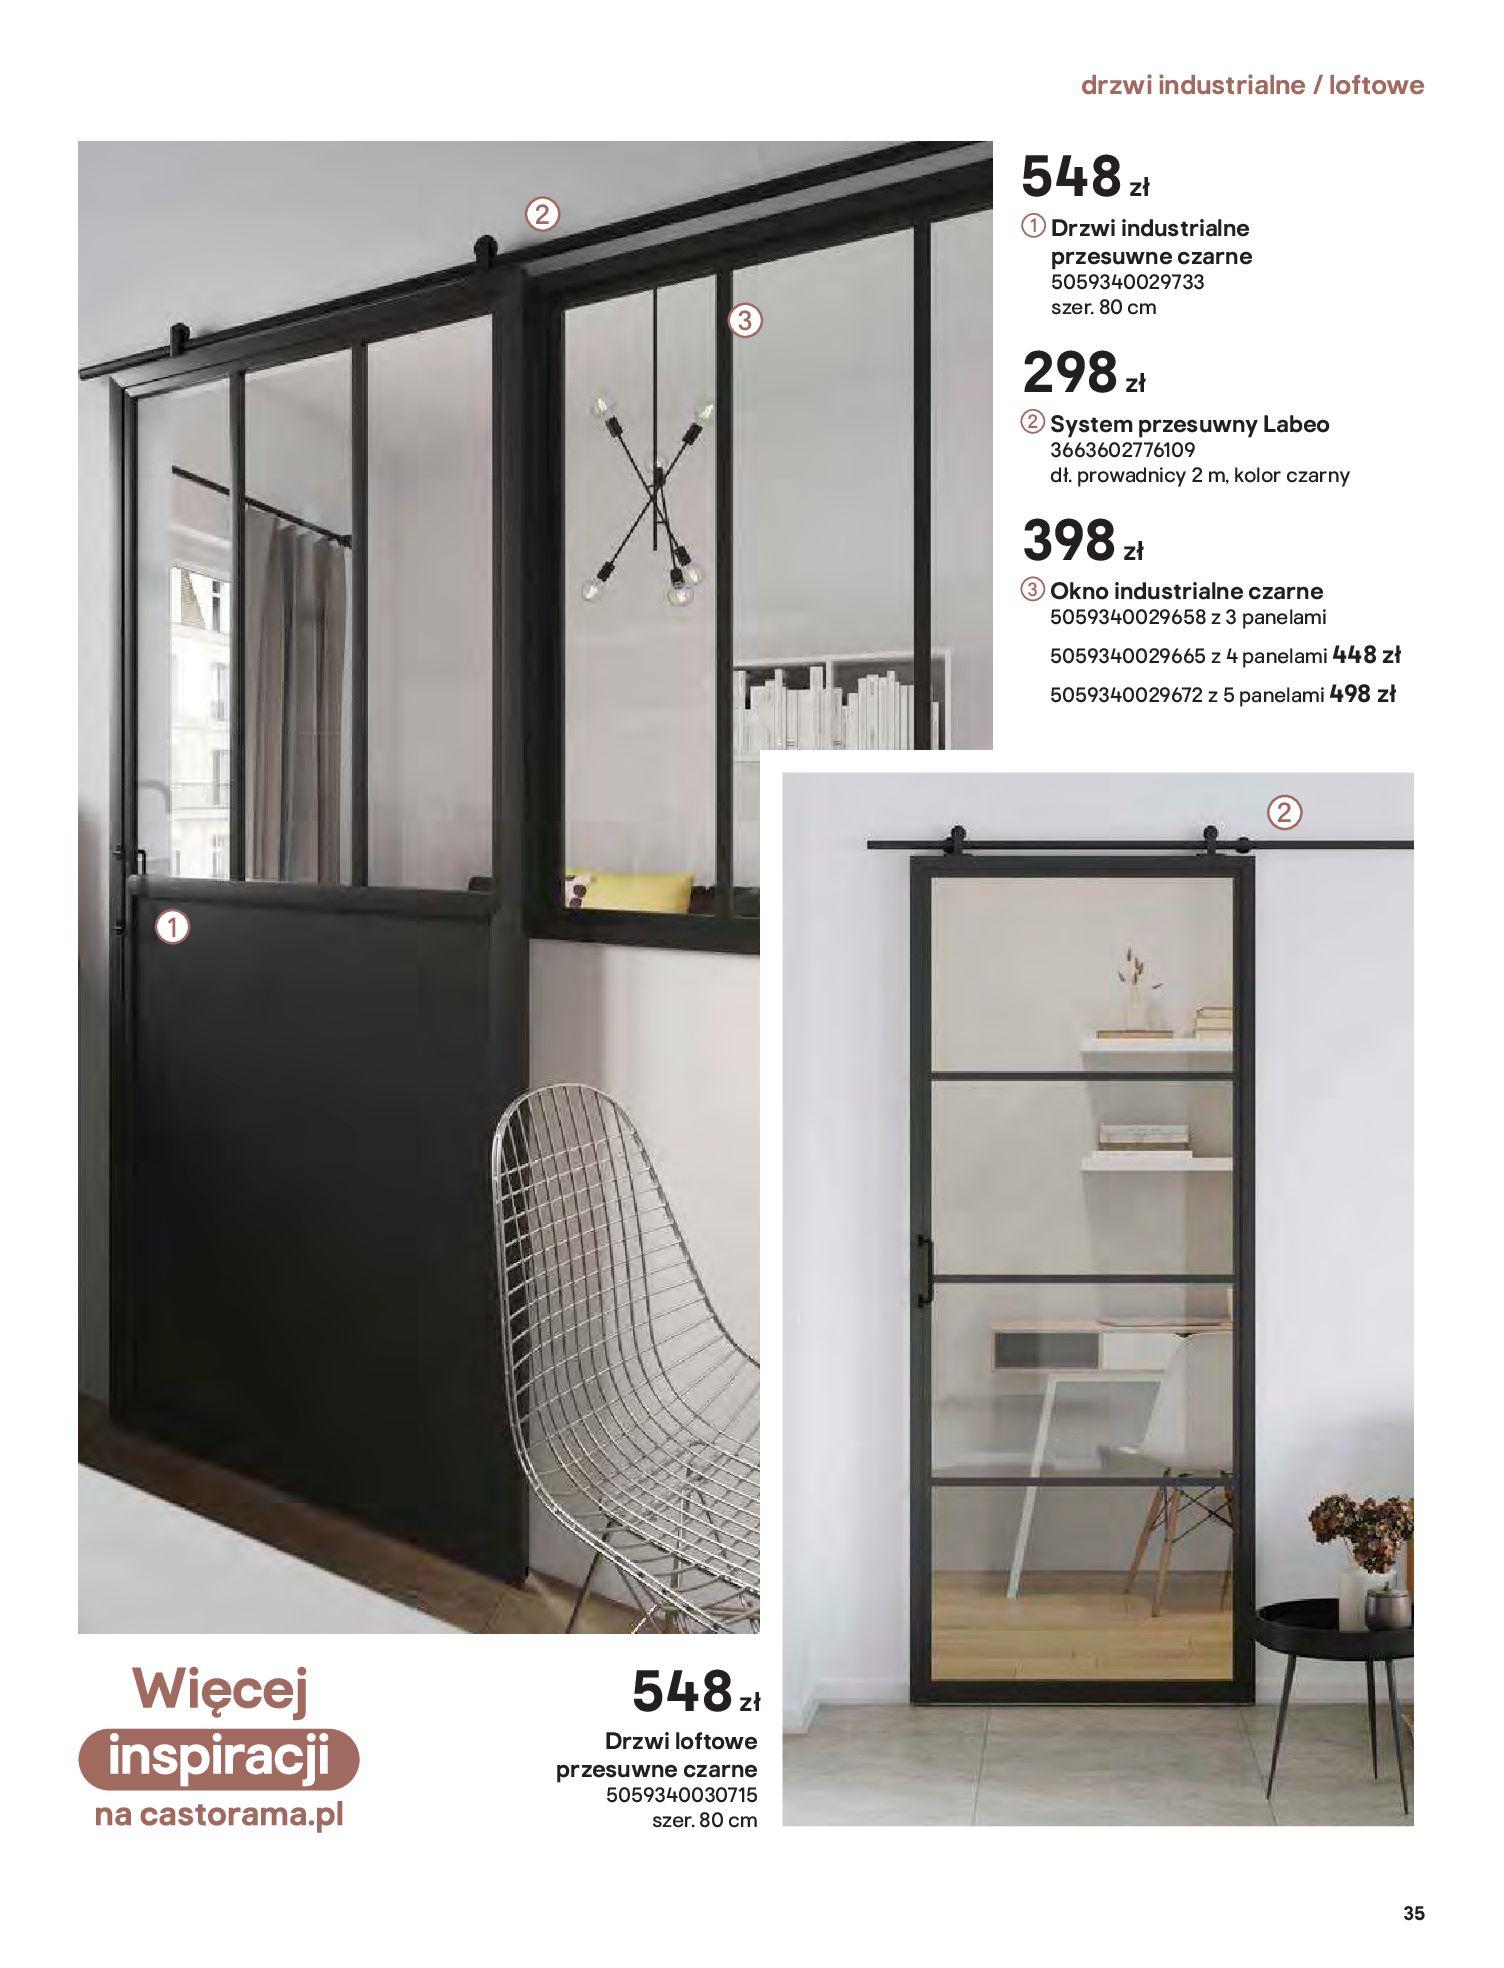 Gazetka Castorama: Gazetka Castorama - Przewodnik drzwi i podłogi 2021 2021-08-11 page-35